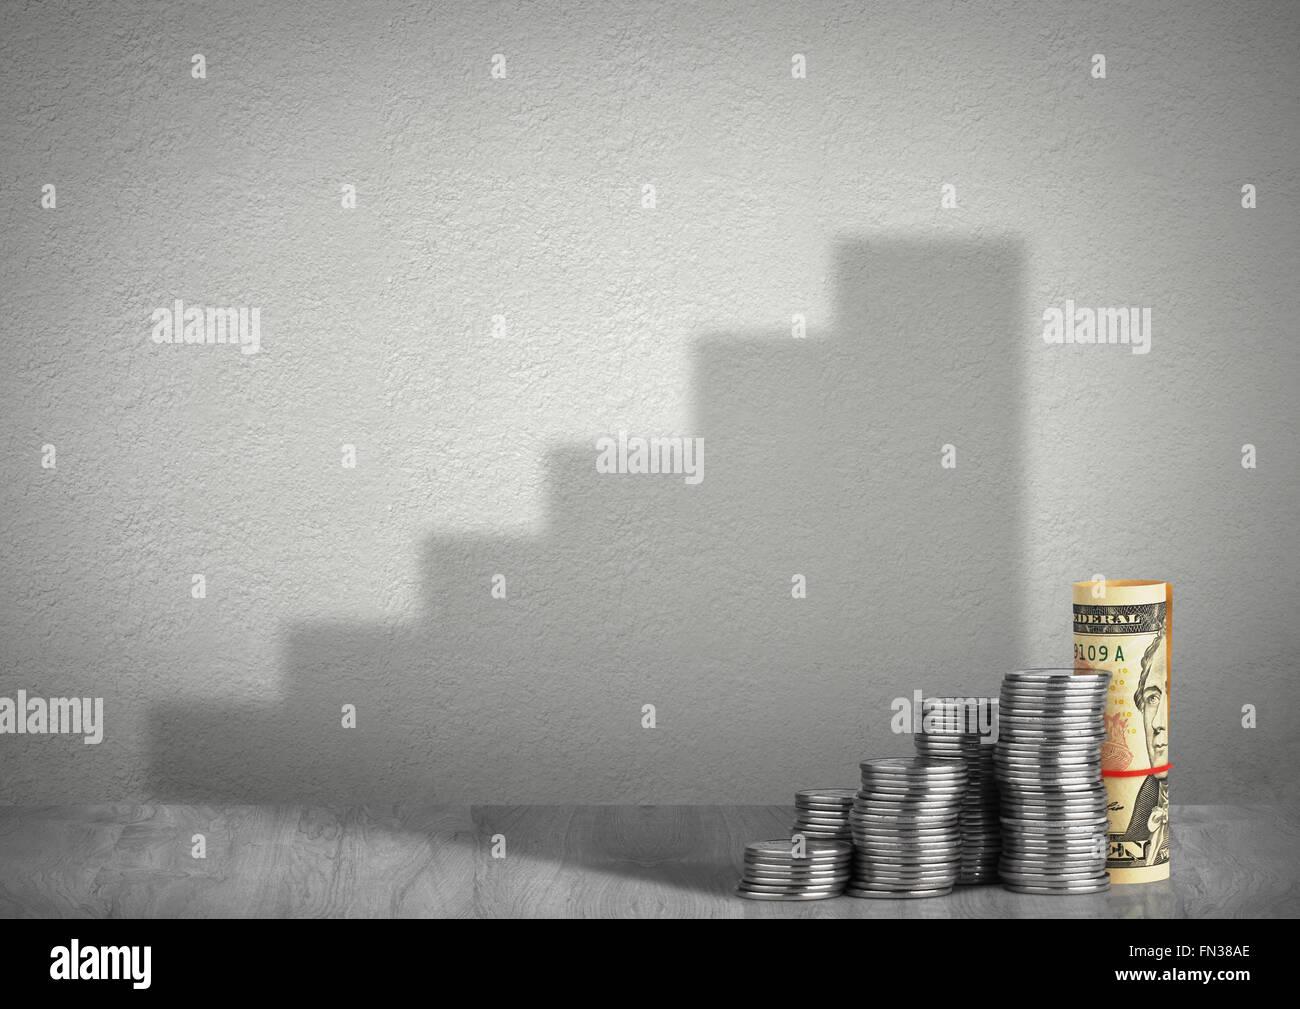 Concept de croissance financière, de l'argent avec ombre Photo Stock